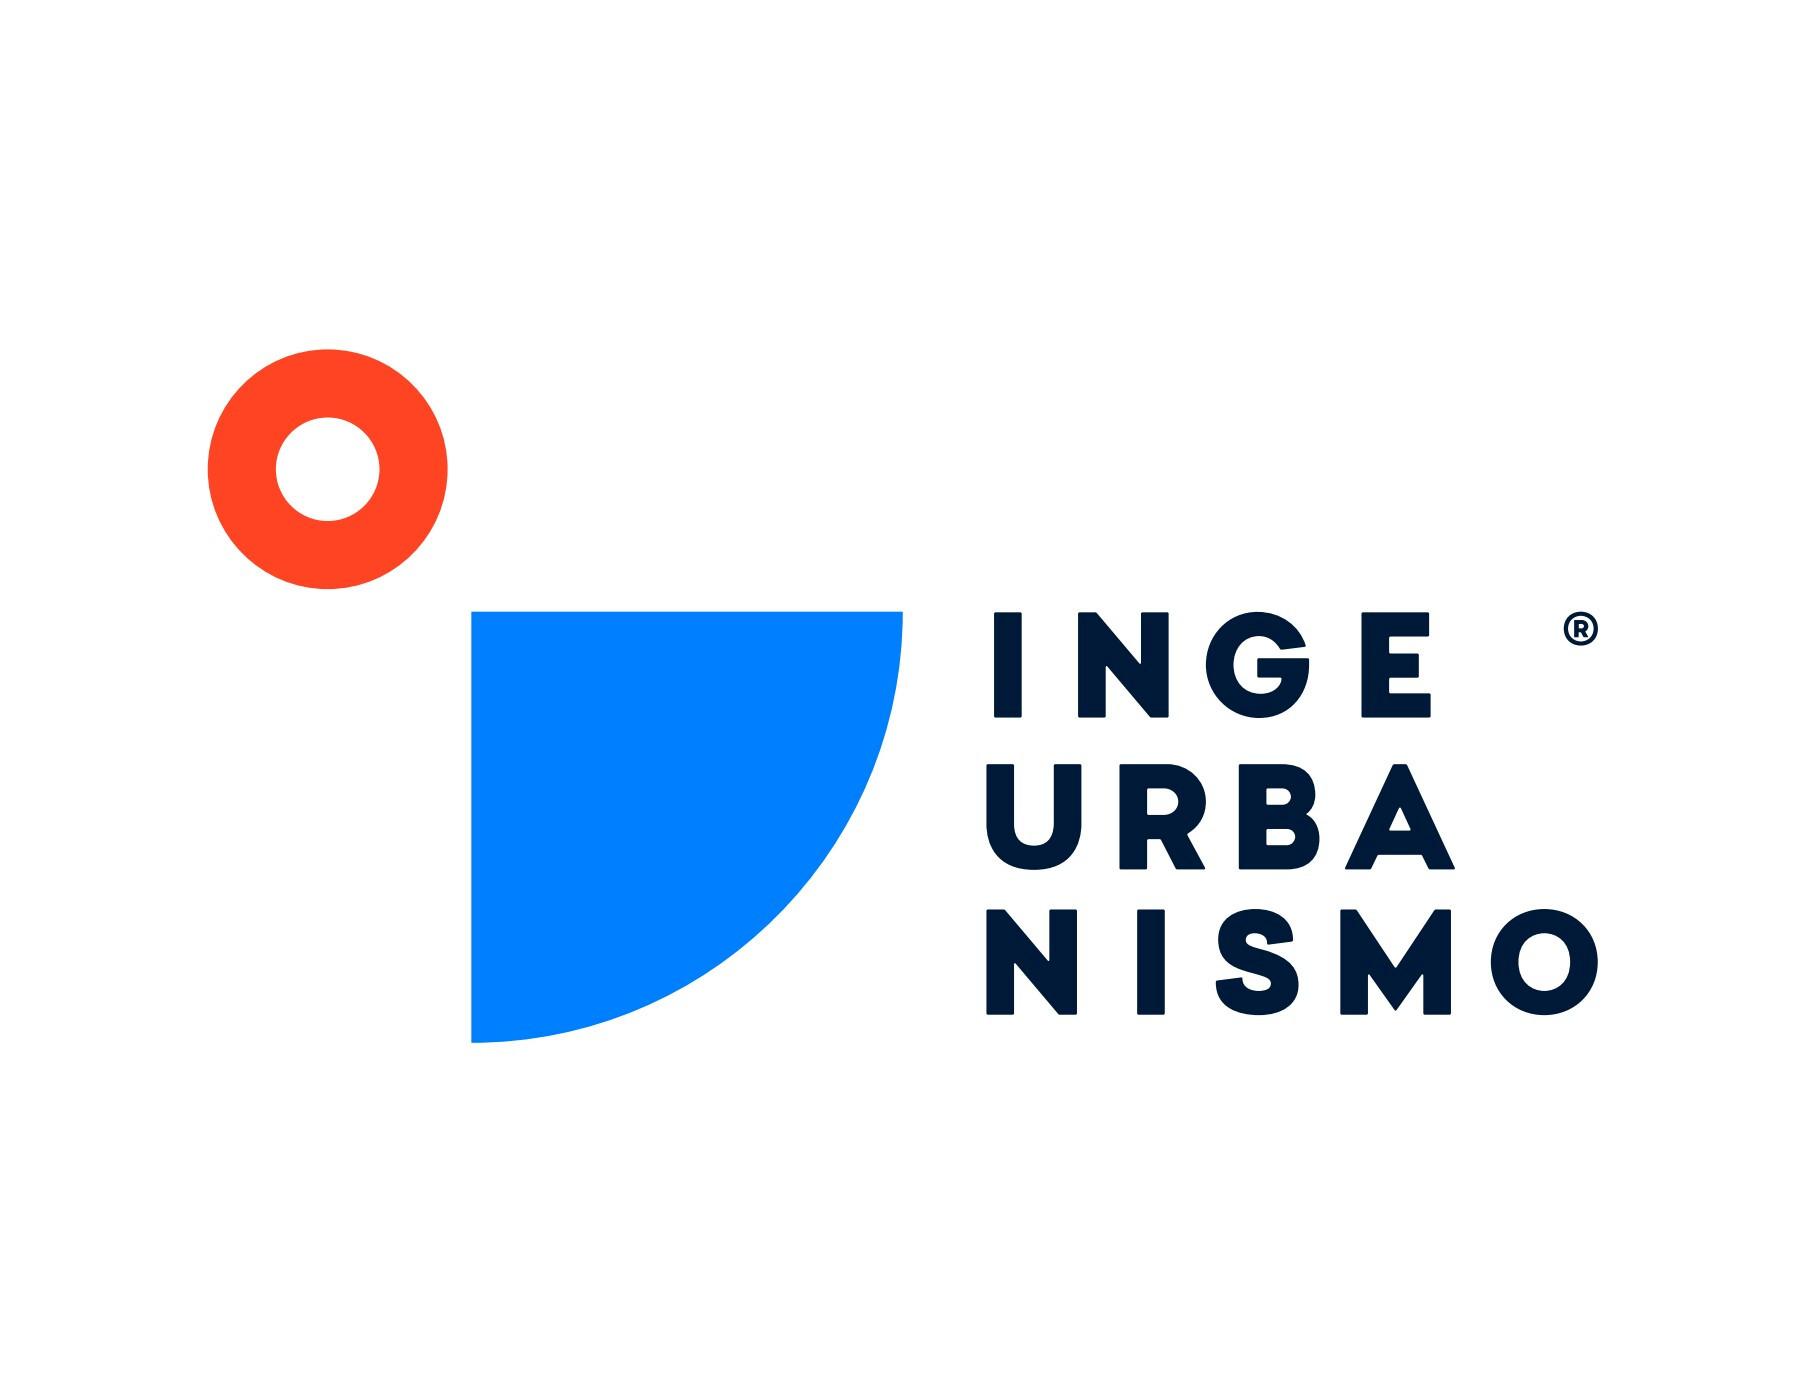 Ingeurbanismo S.A.S